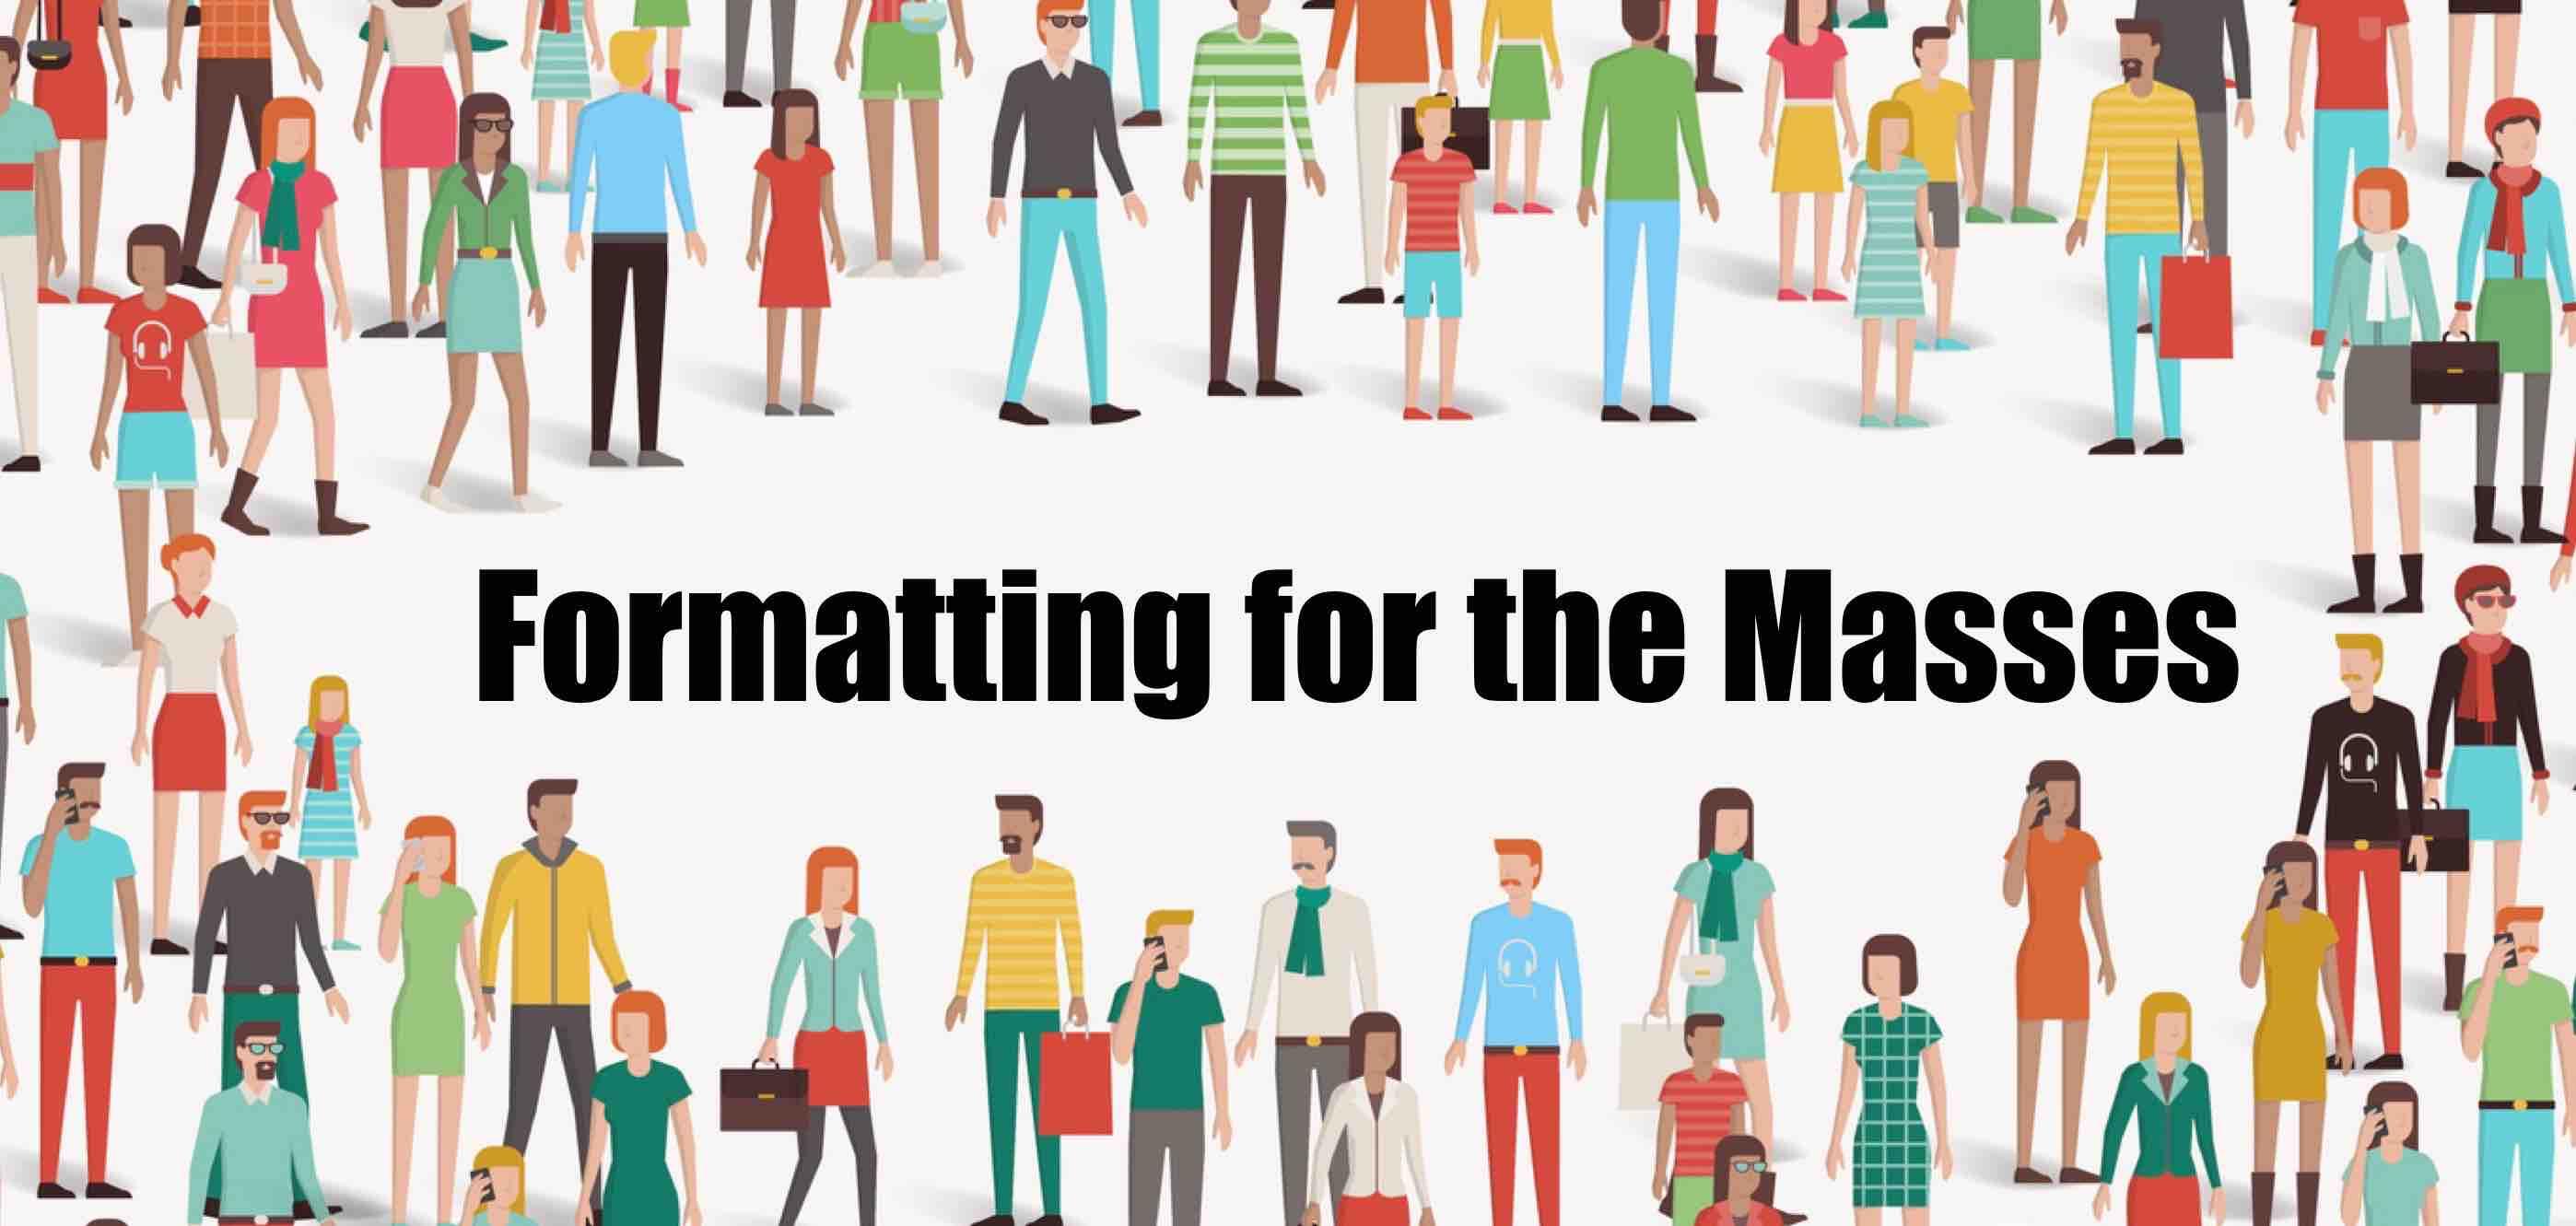 formatting-for-the-masses.jpg